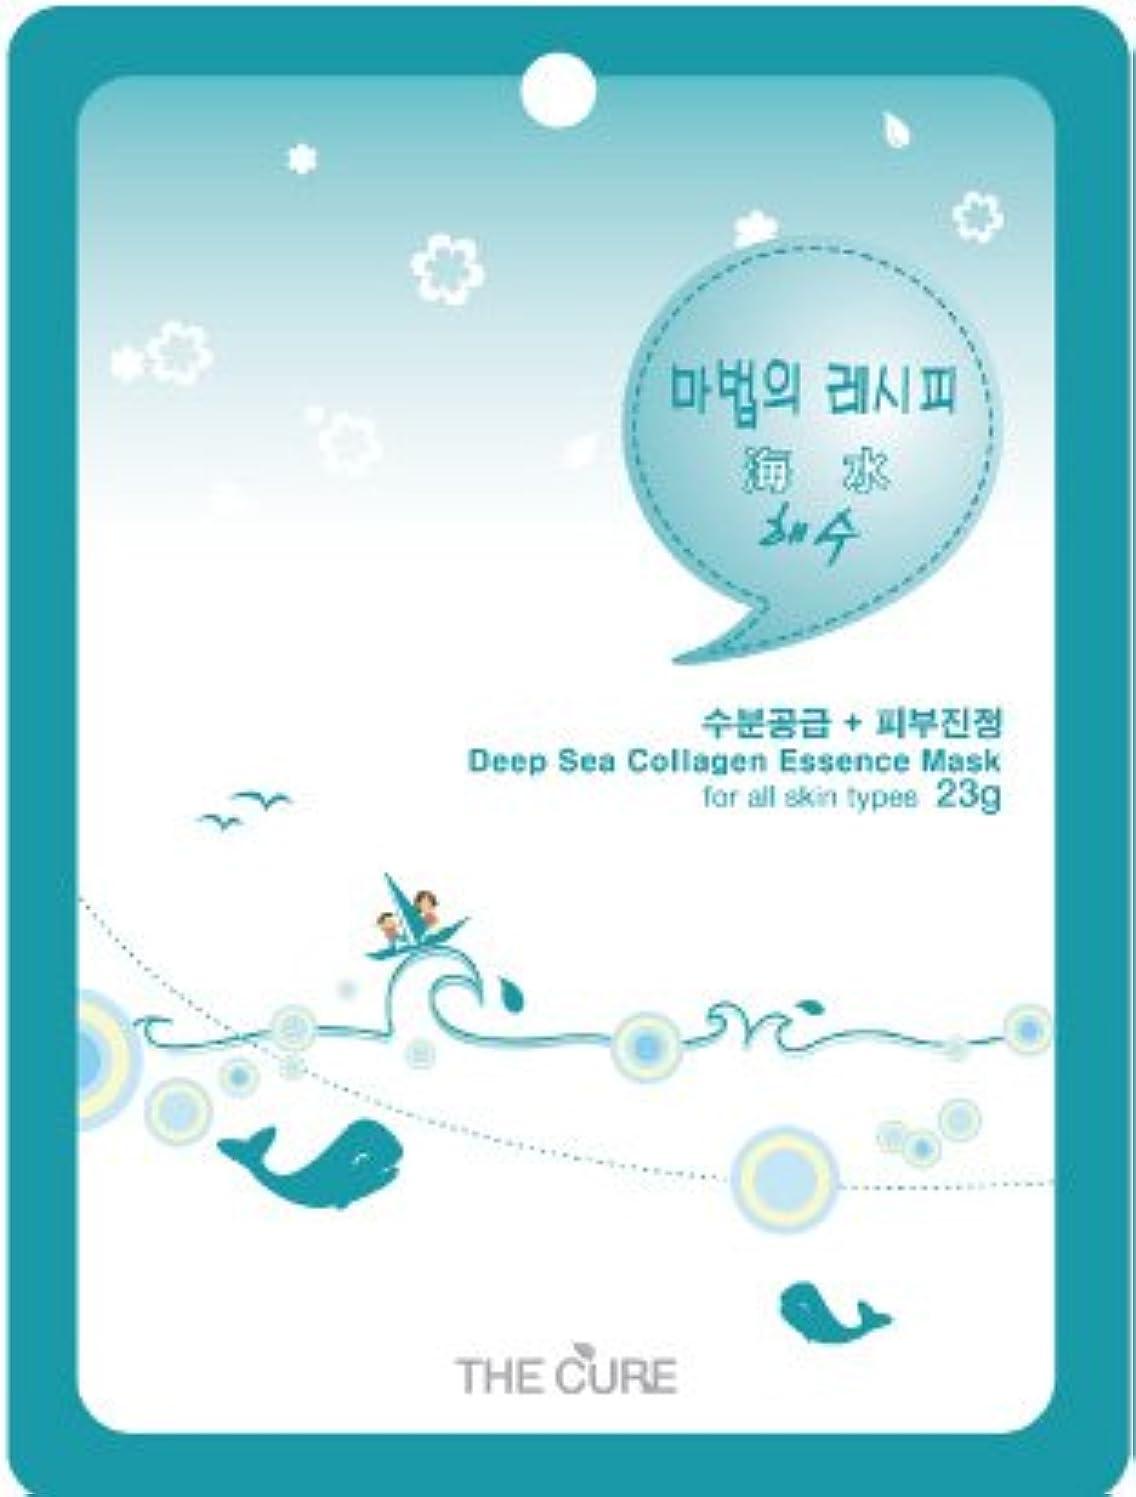 メイドポジション排泄する海水 コラーゲン エッセンス マスク THE CURE シート パック 10枚セット 韓国 コスメ